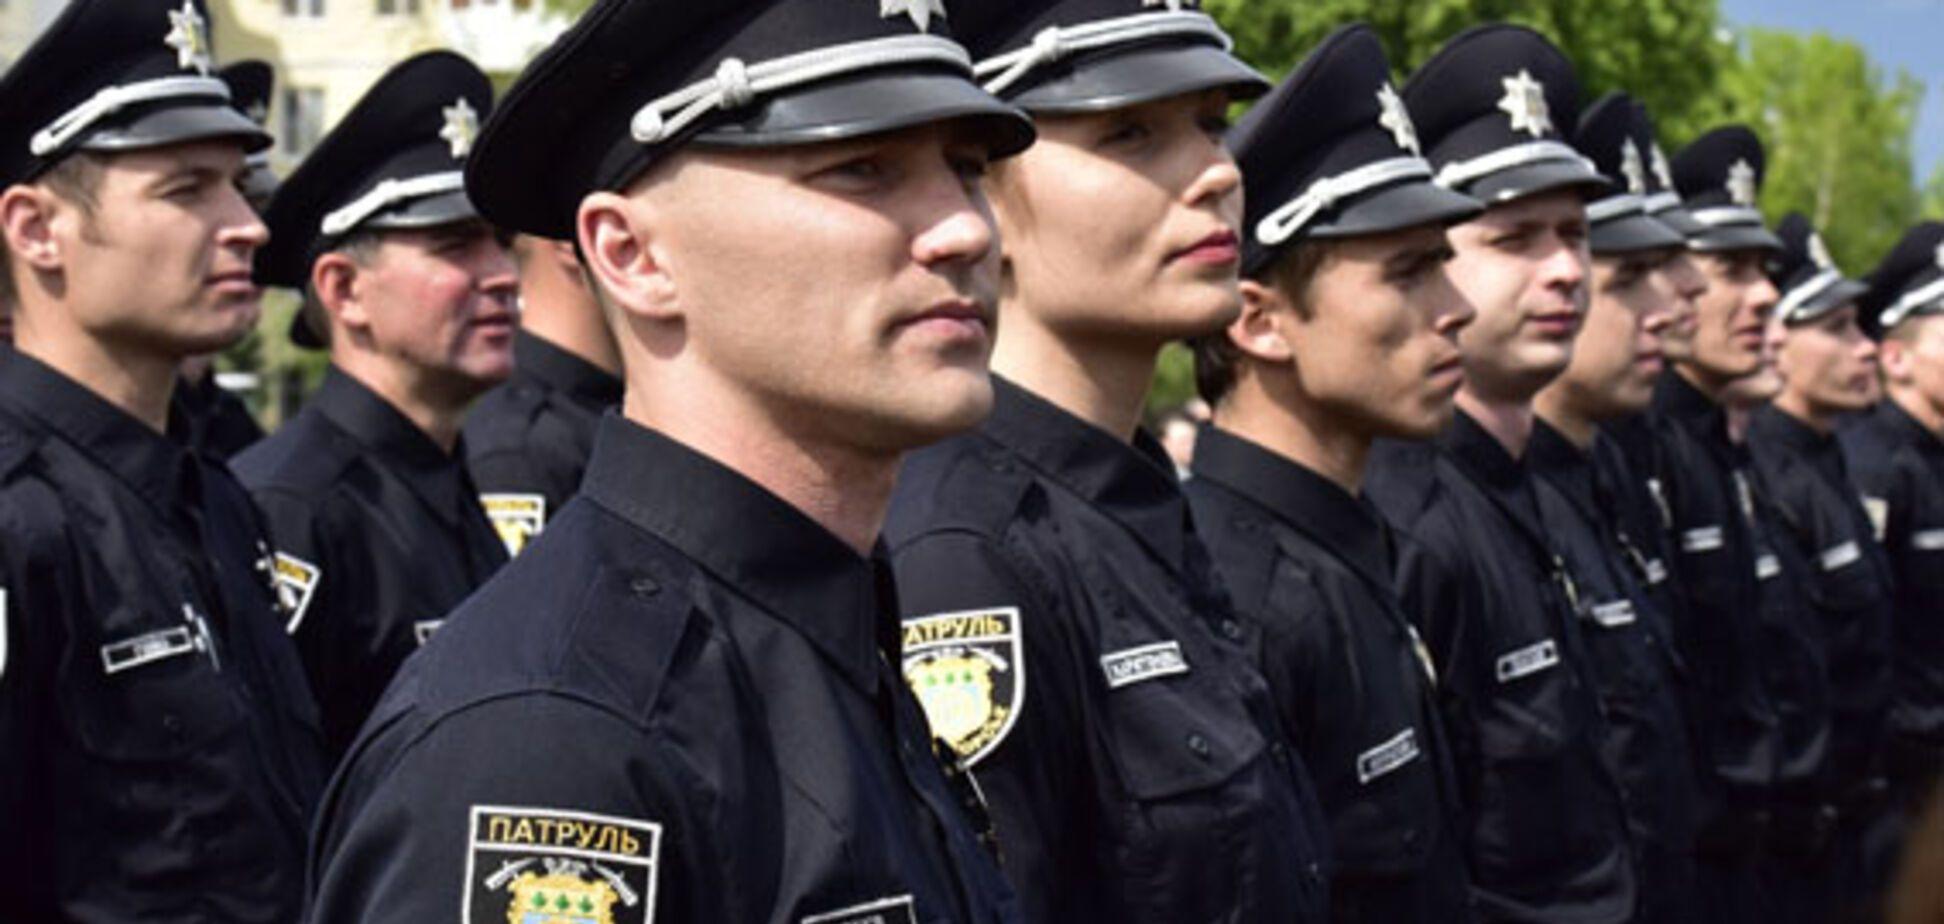 У Дніпрі патрульні побили водія та склали липовий адмінпротокол